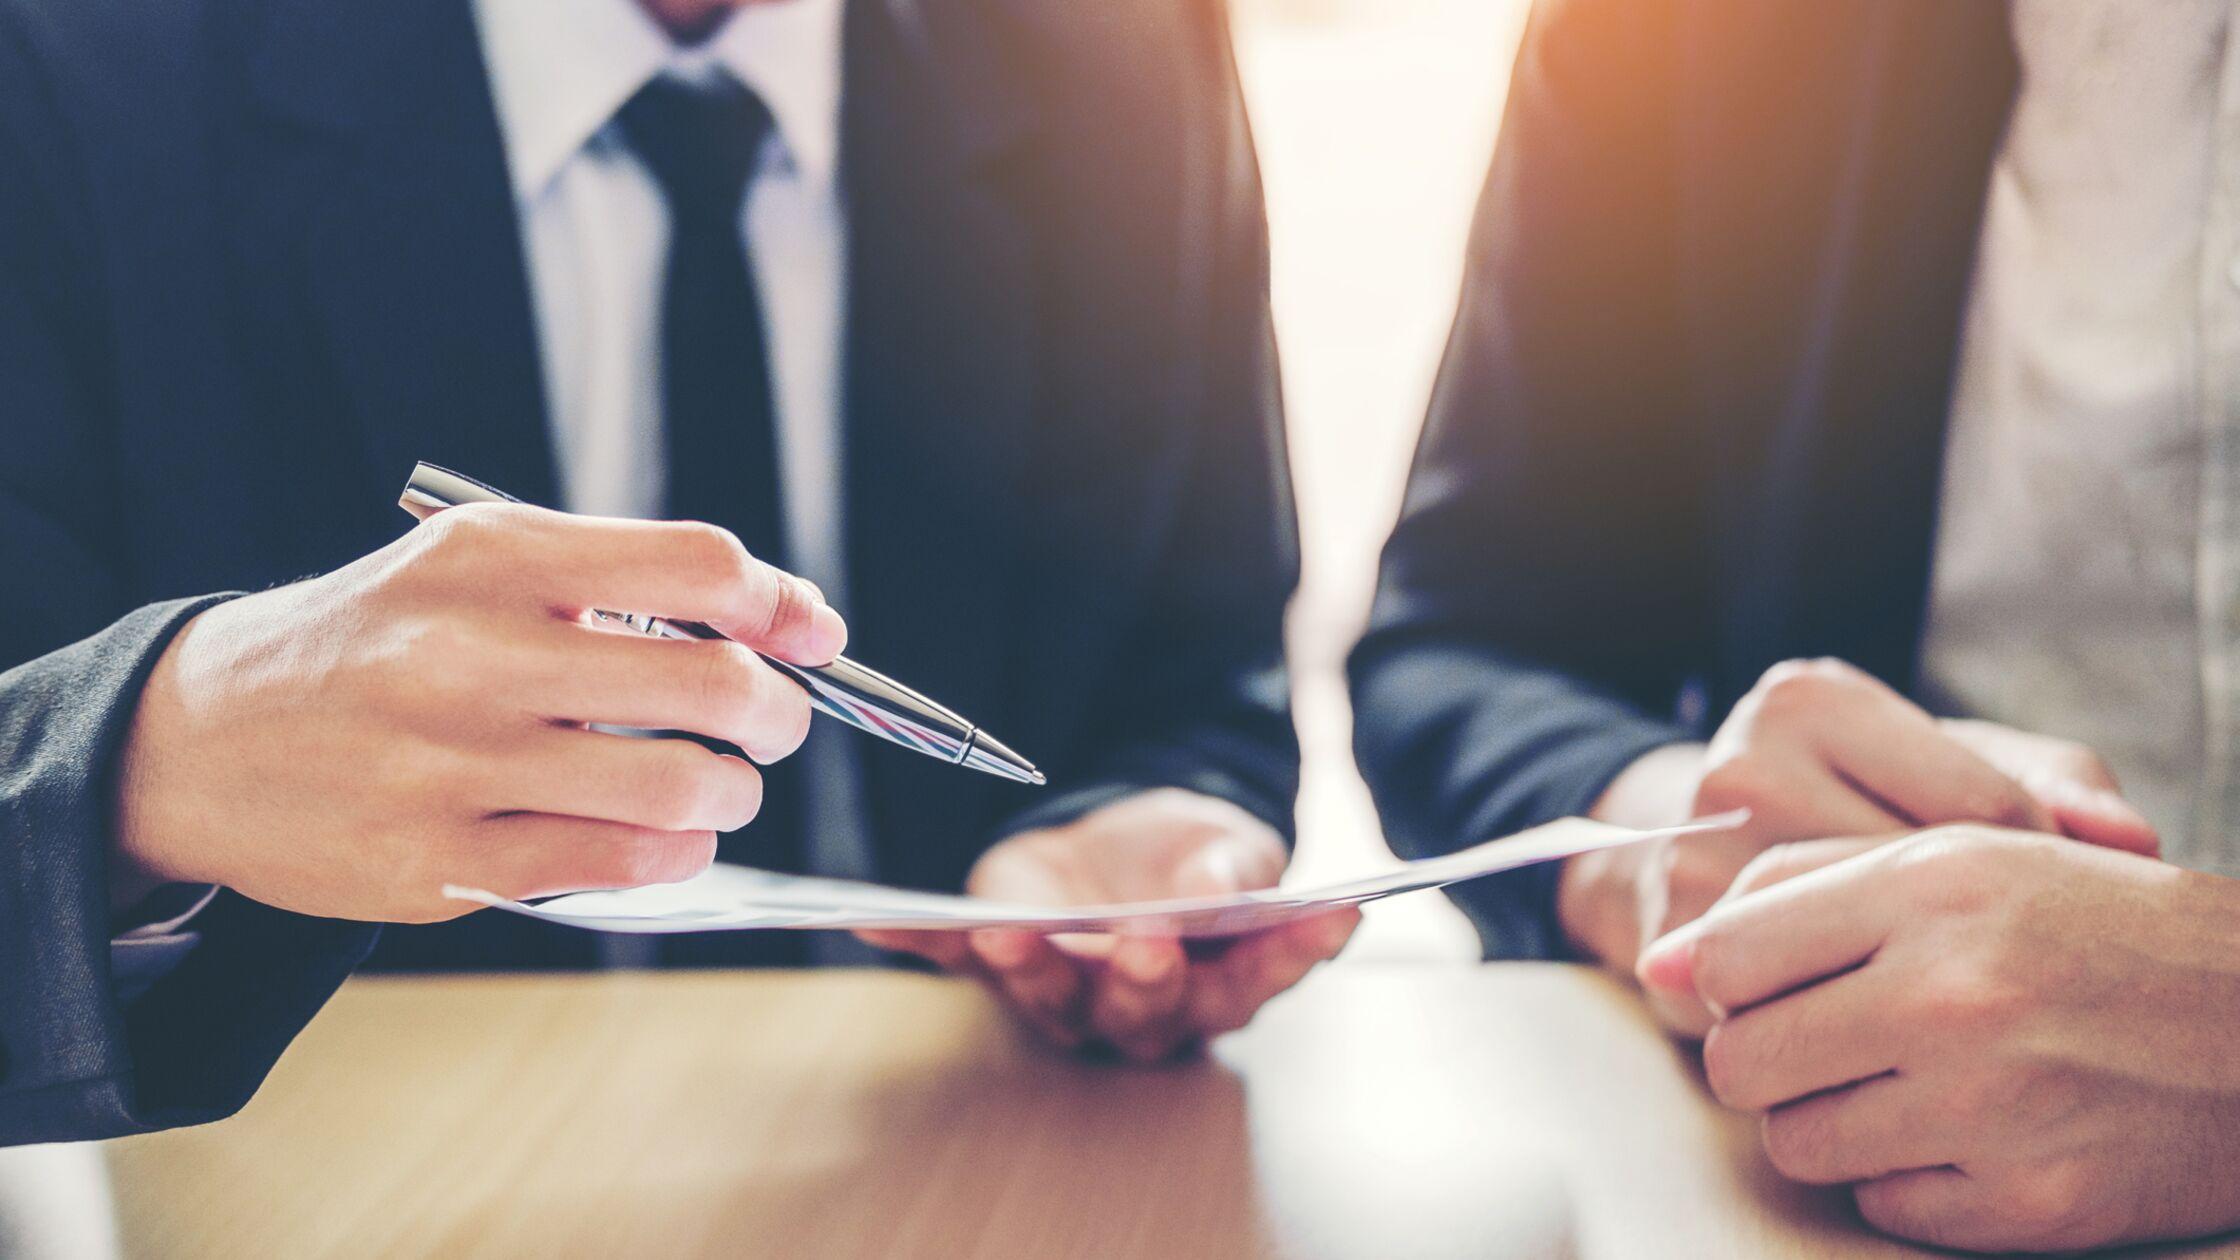 Zwei Personen schauen zusammen in einen Mietvertrag